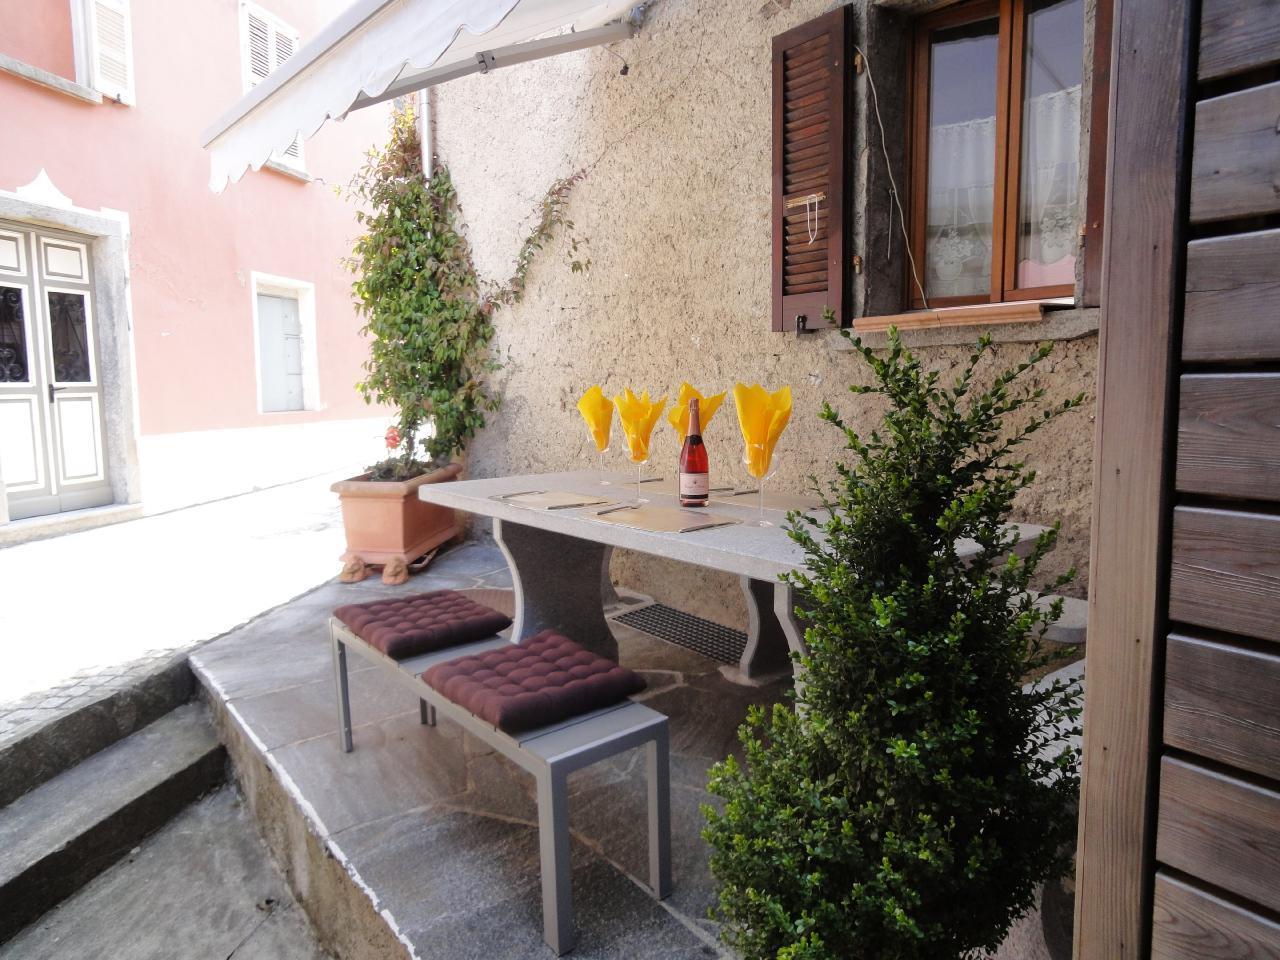 Maison de vacances Rustico im Dorfkern von Dongio (628705), Dongio, Vallée de Blenio, Tessin, Suisse, image 3